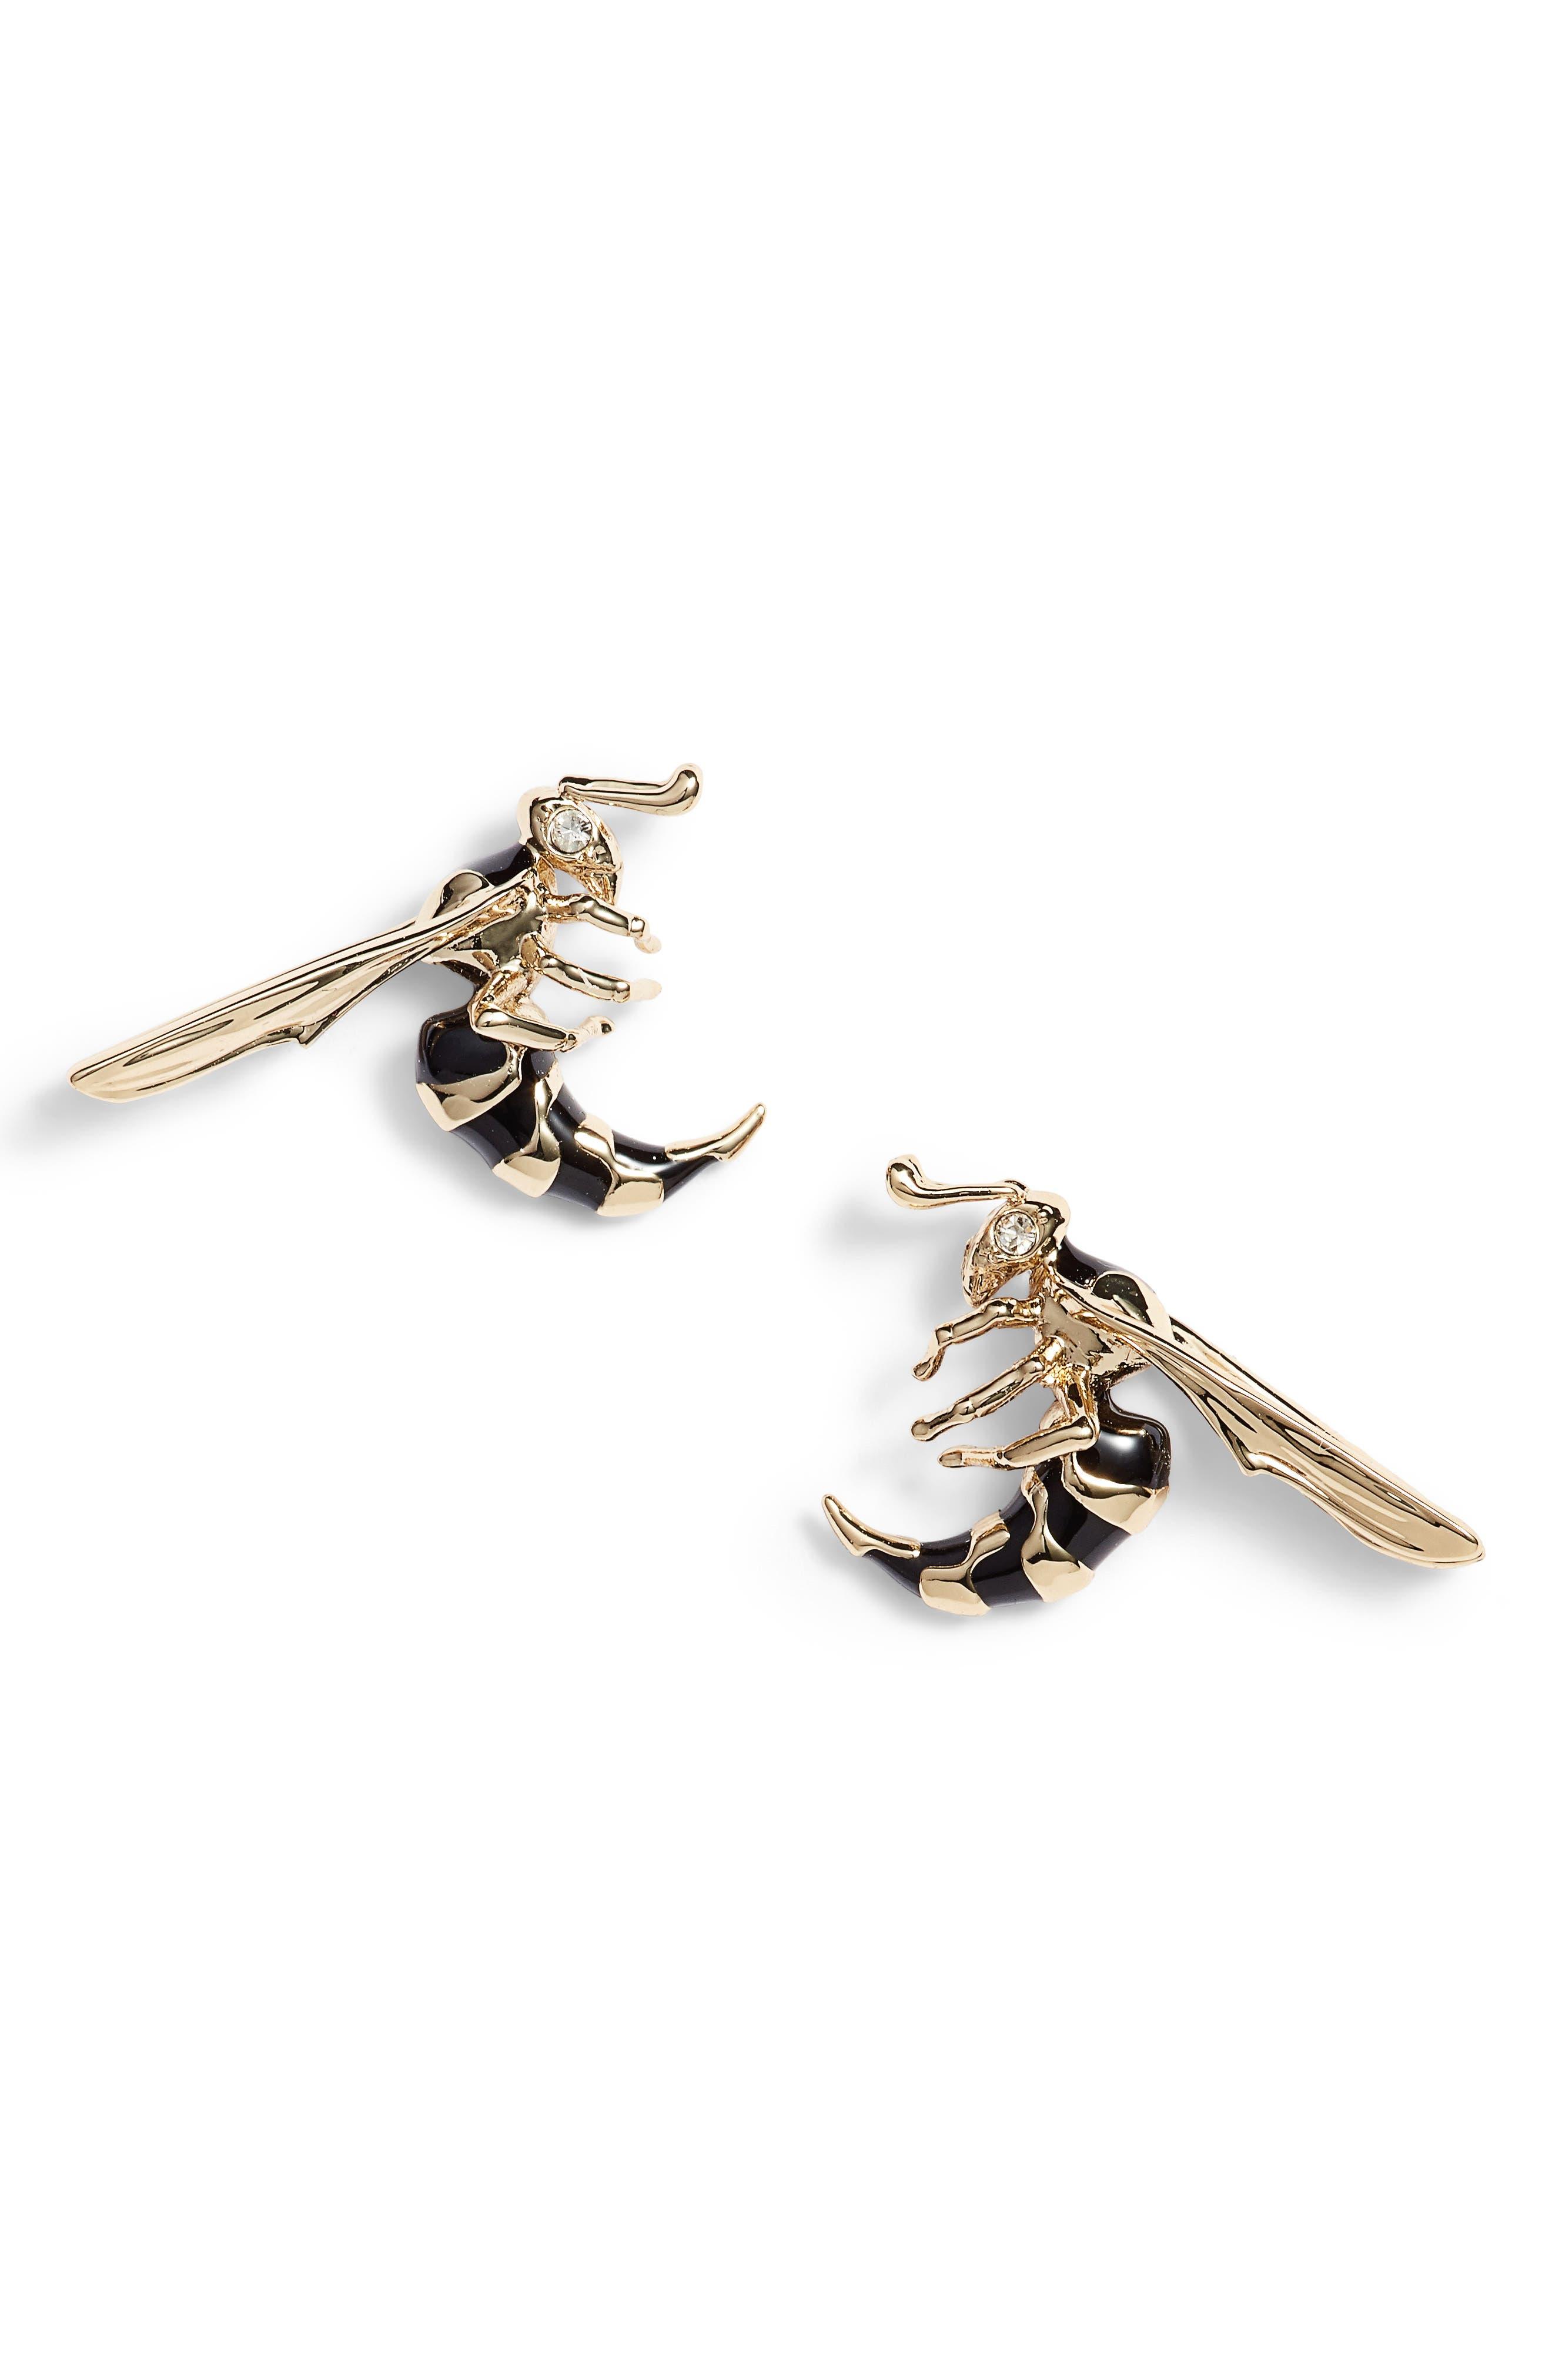 Main Image - Alexis Bittar Enameled Hornet Stud Earrings